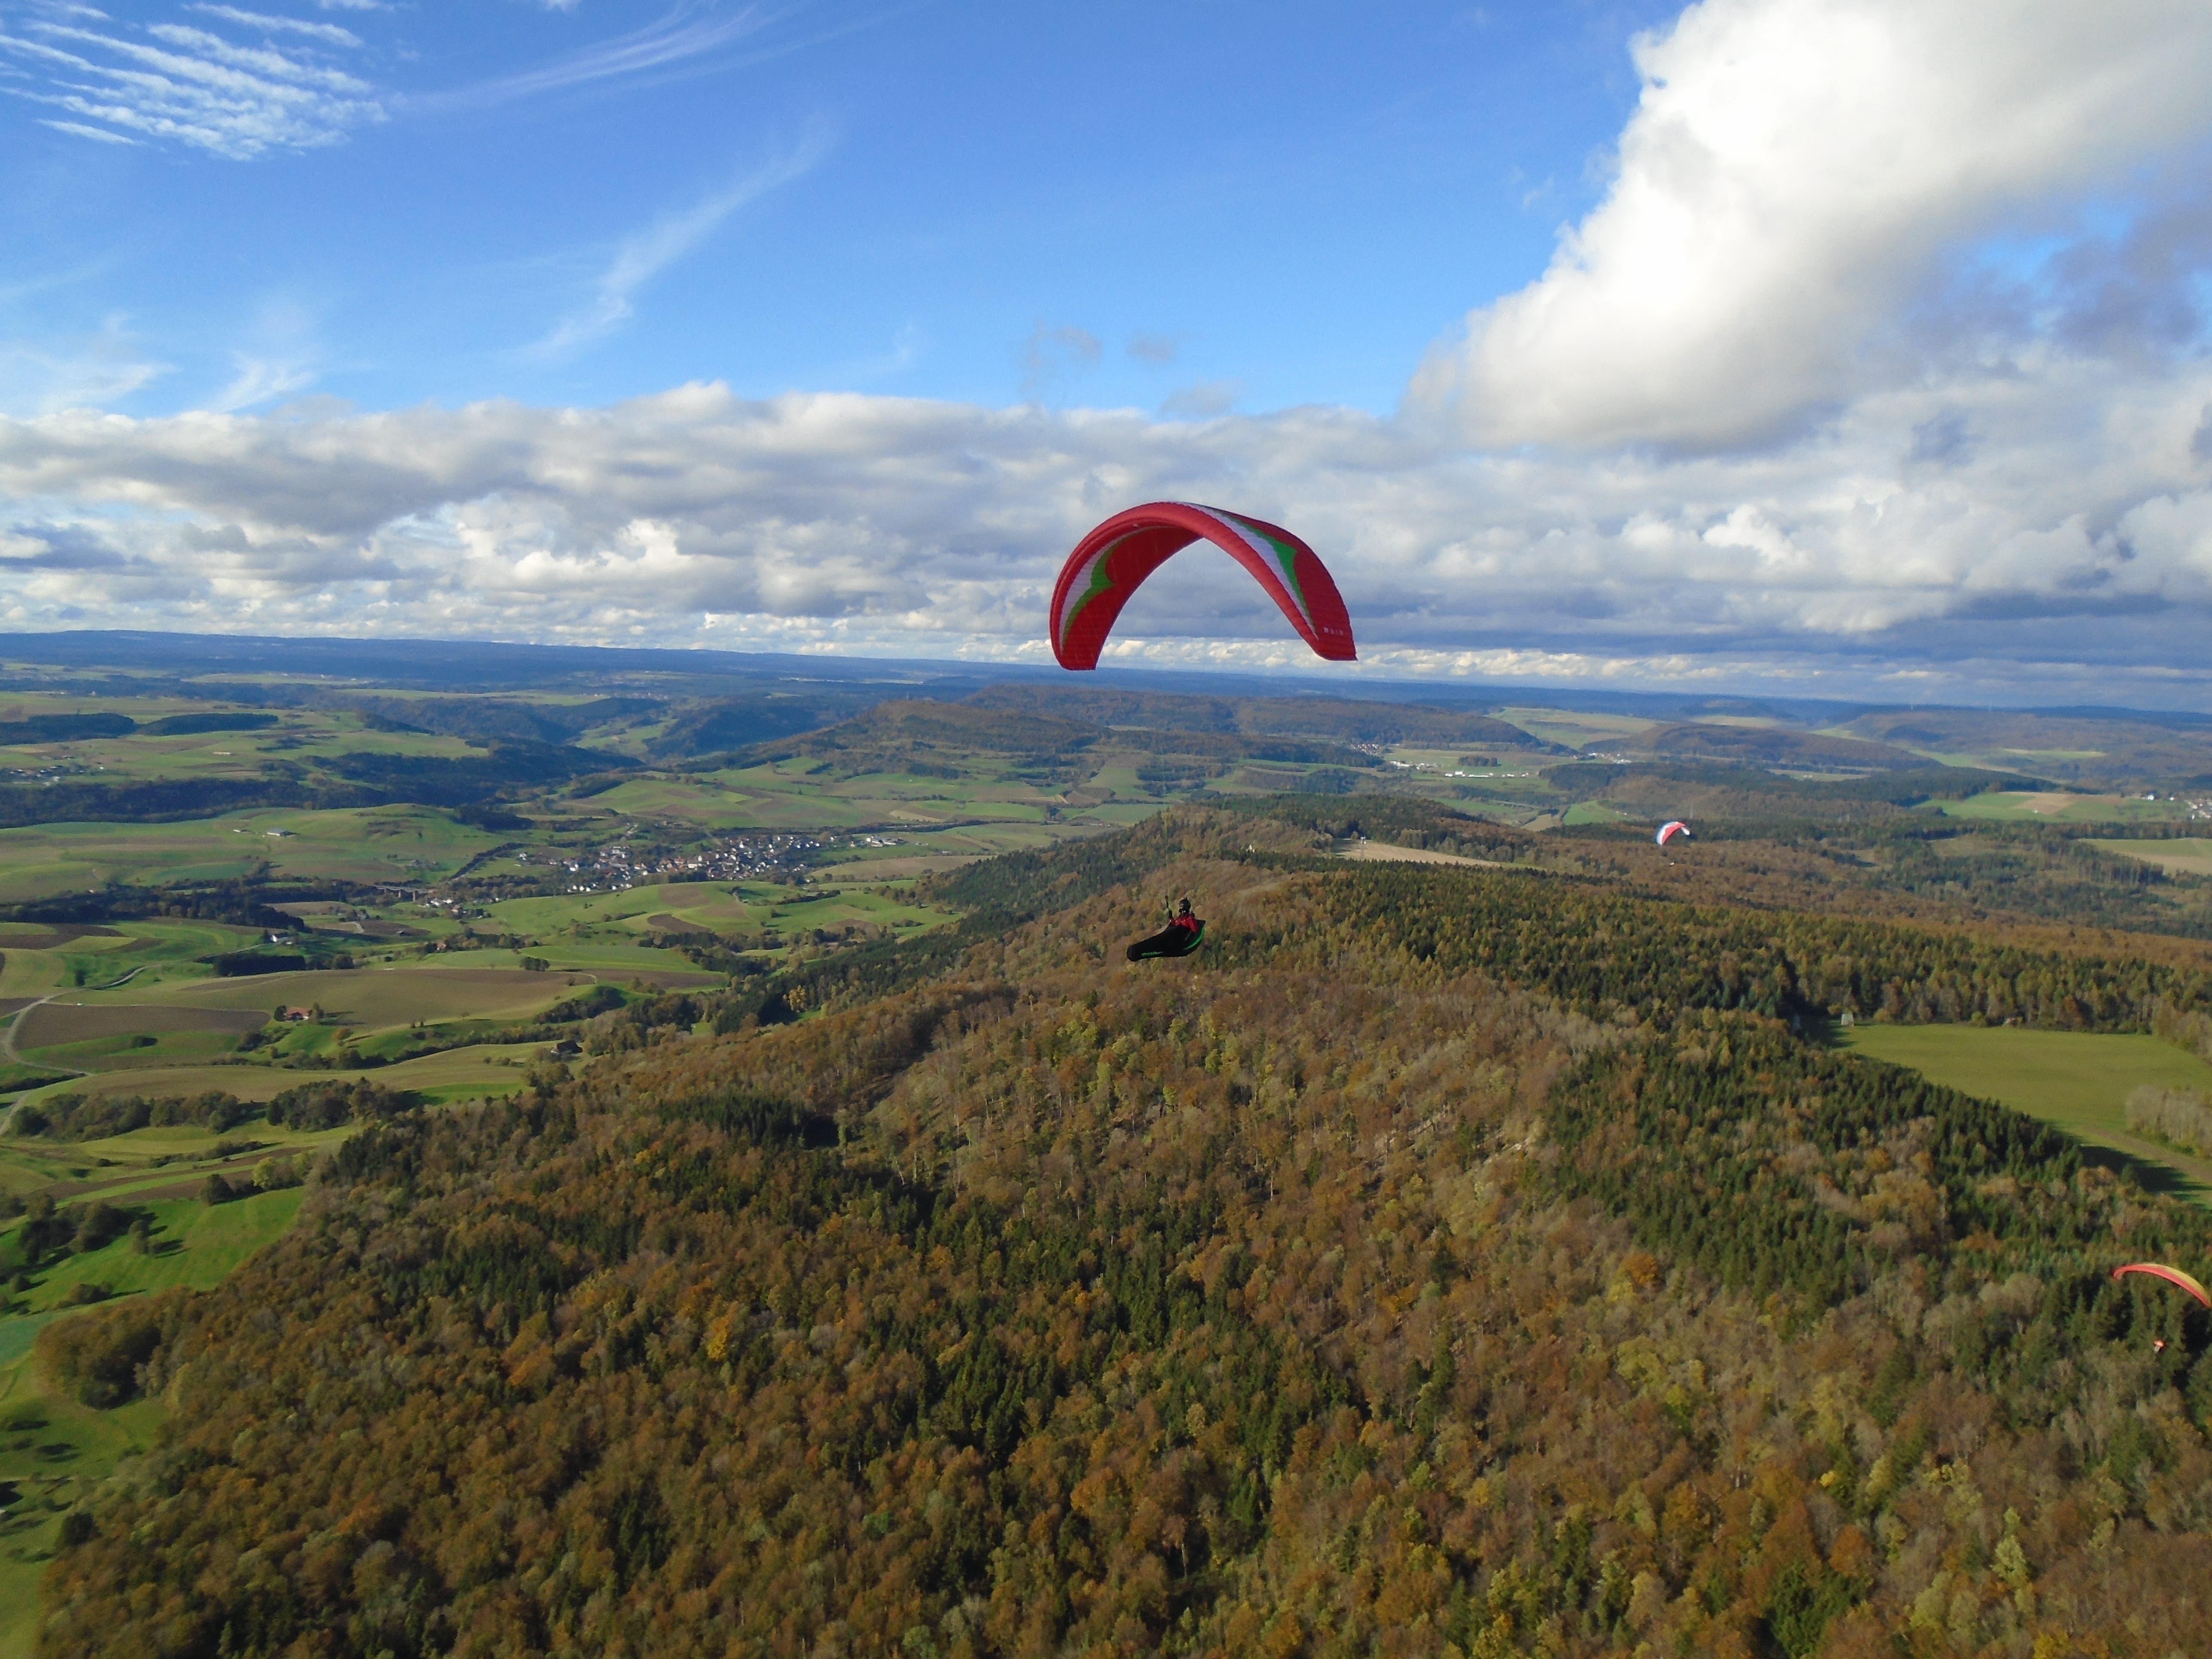 So sieht der Kanton Schaffhausen von oben aus (aufgenommen 2014).